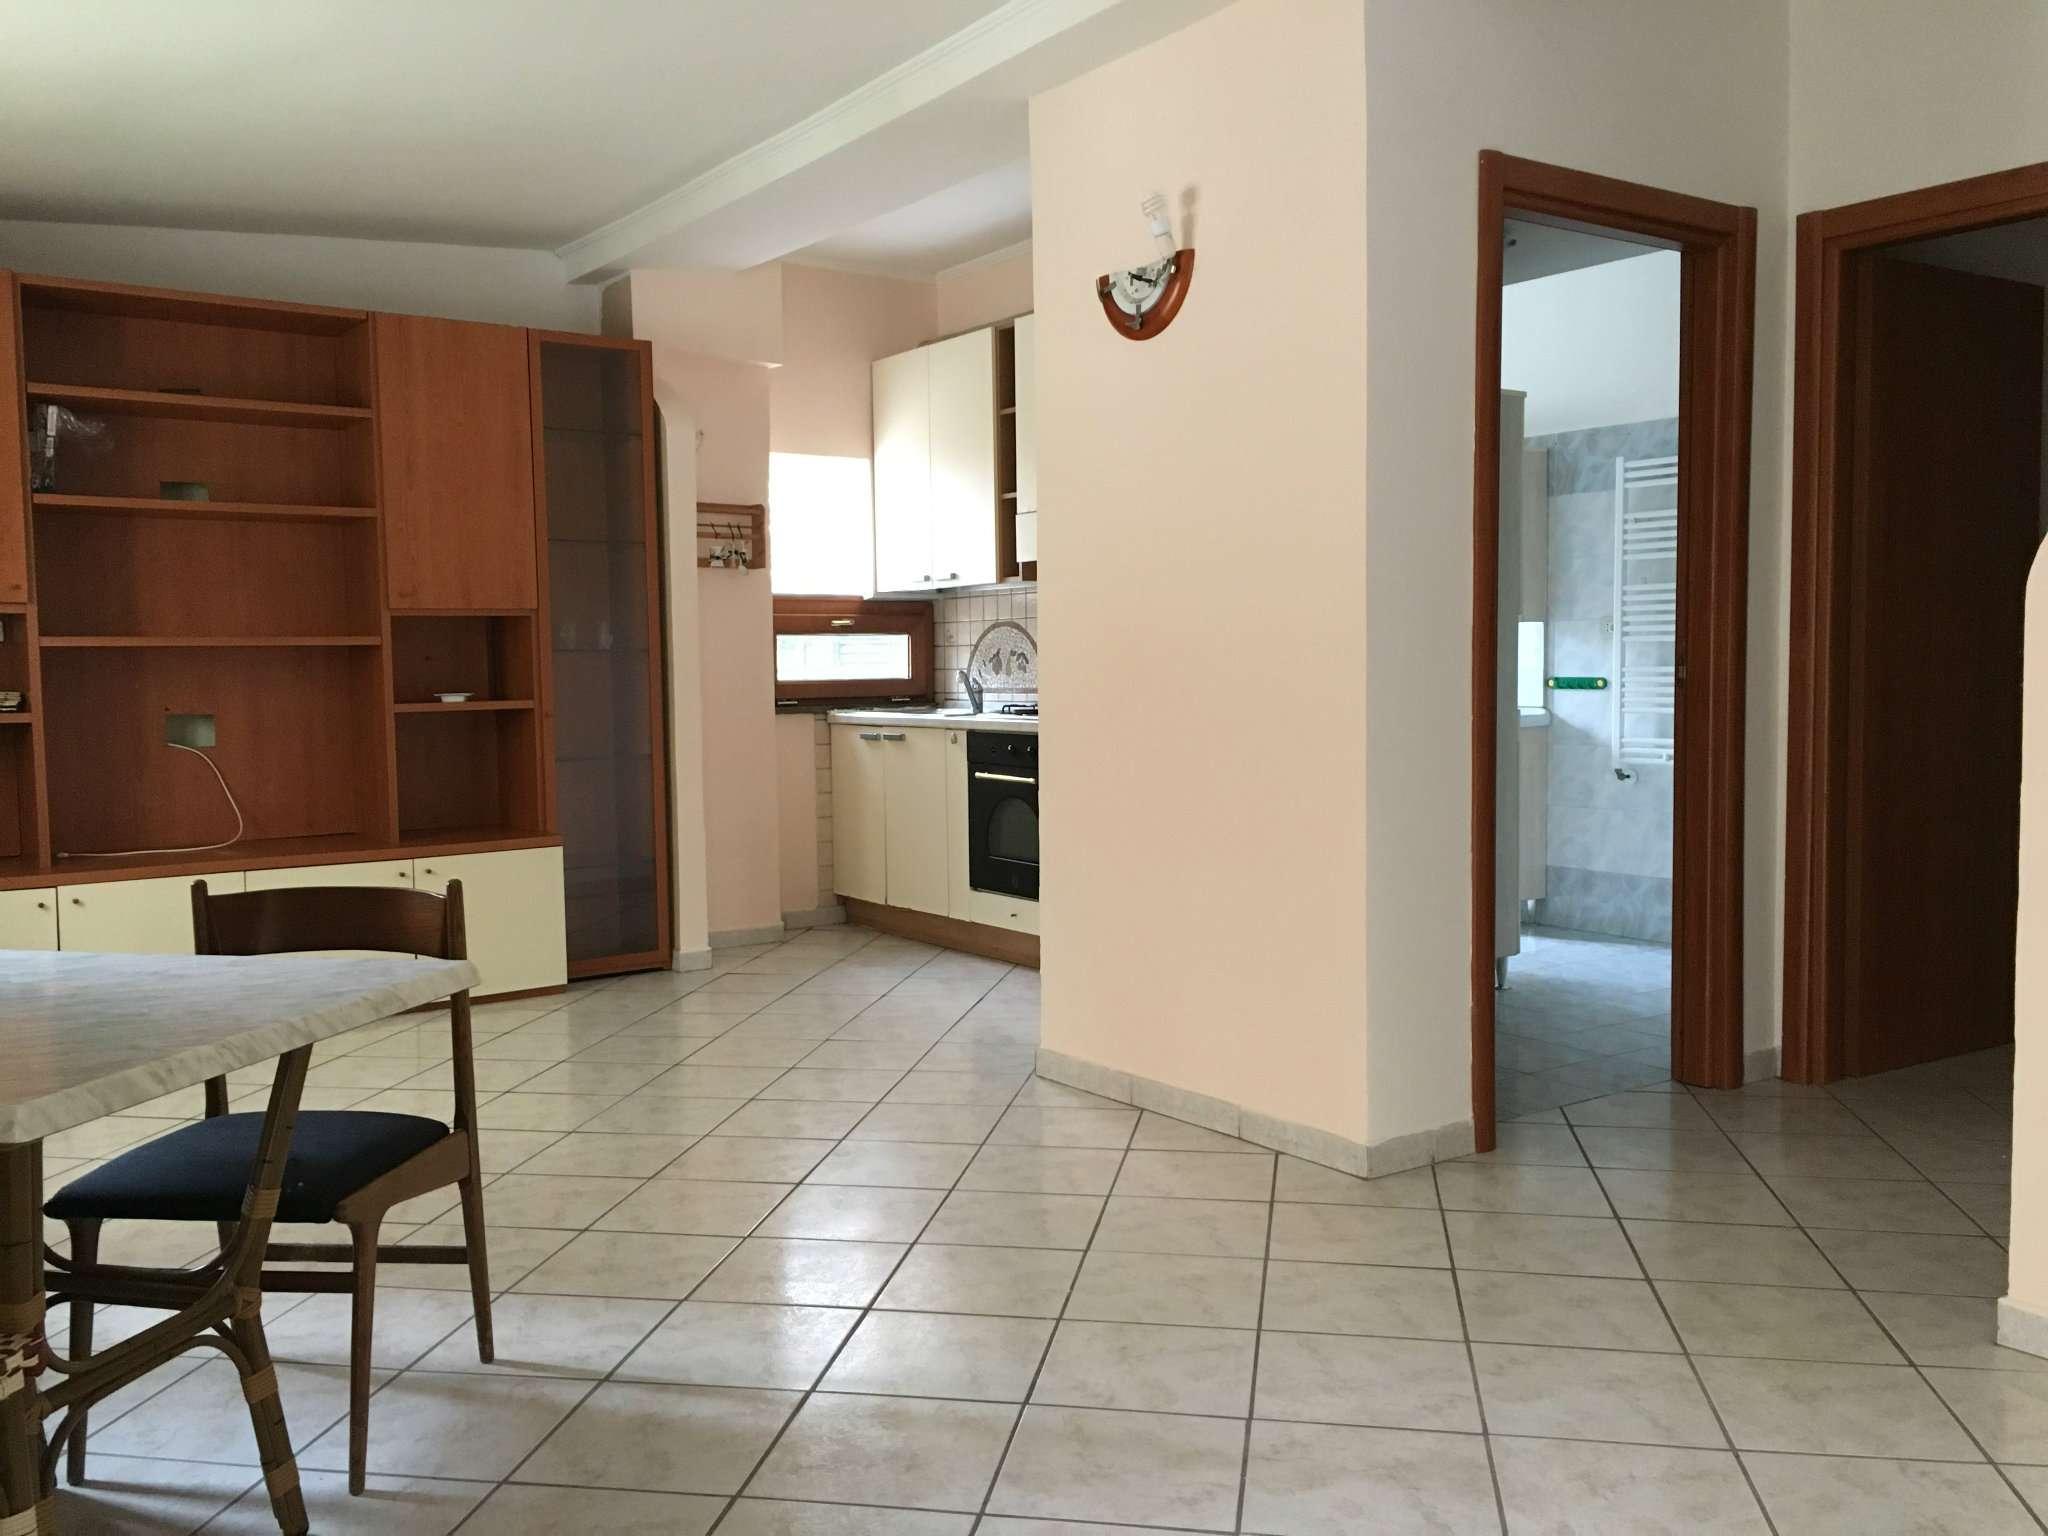 Soluzione Indipendente in vendita a Pomezia, 3 locali, prezzo € 120.000 | Cambio Casa.it